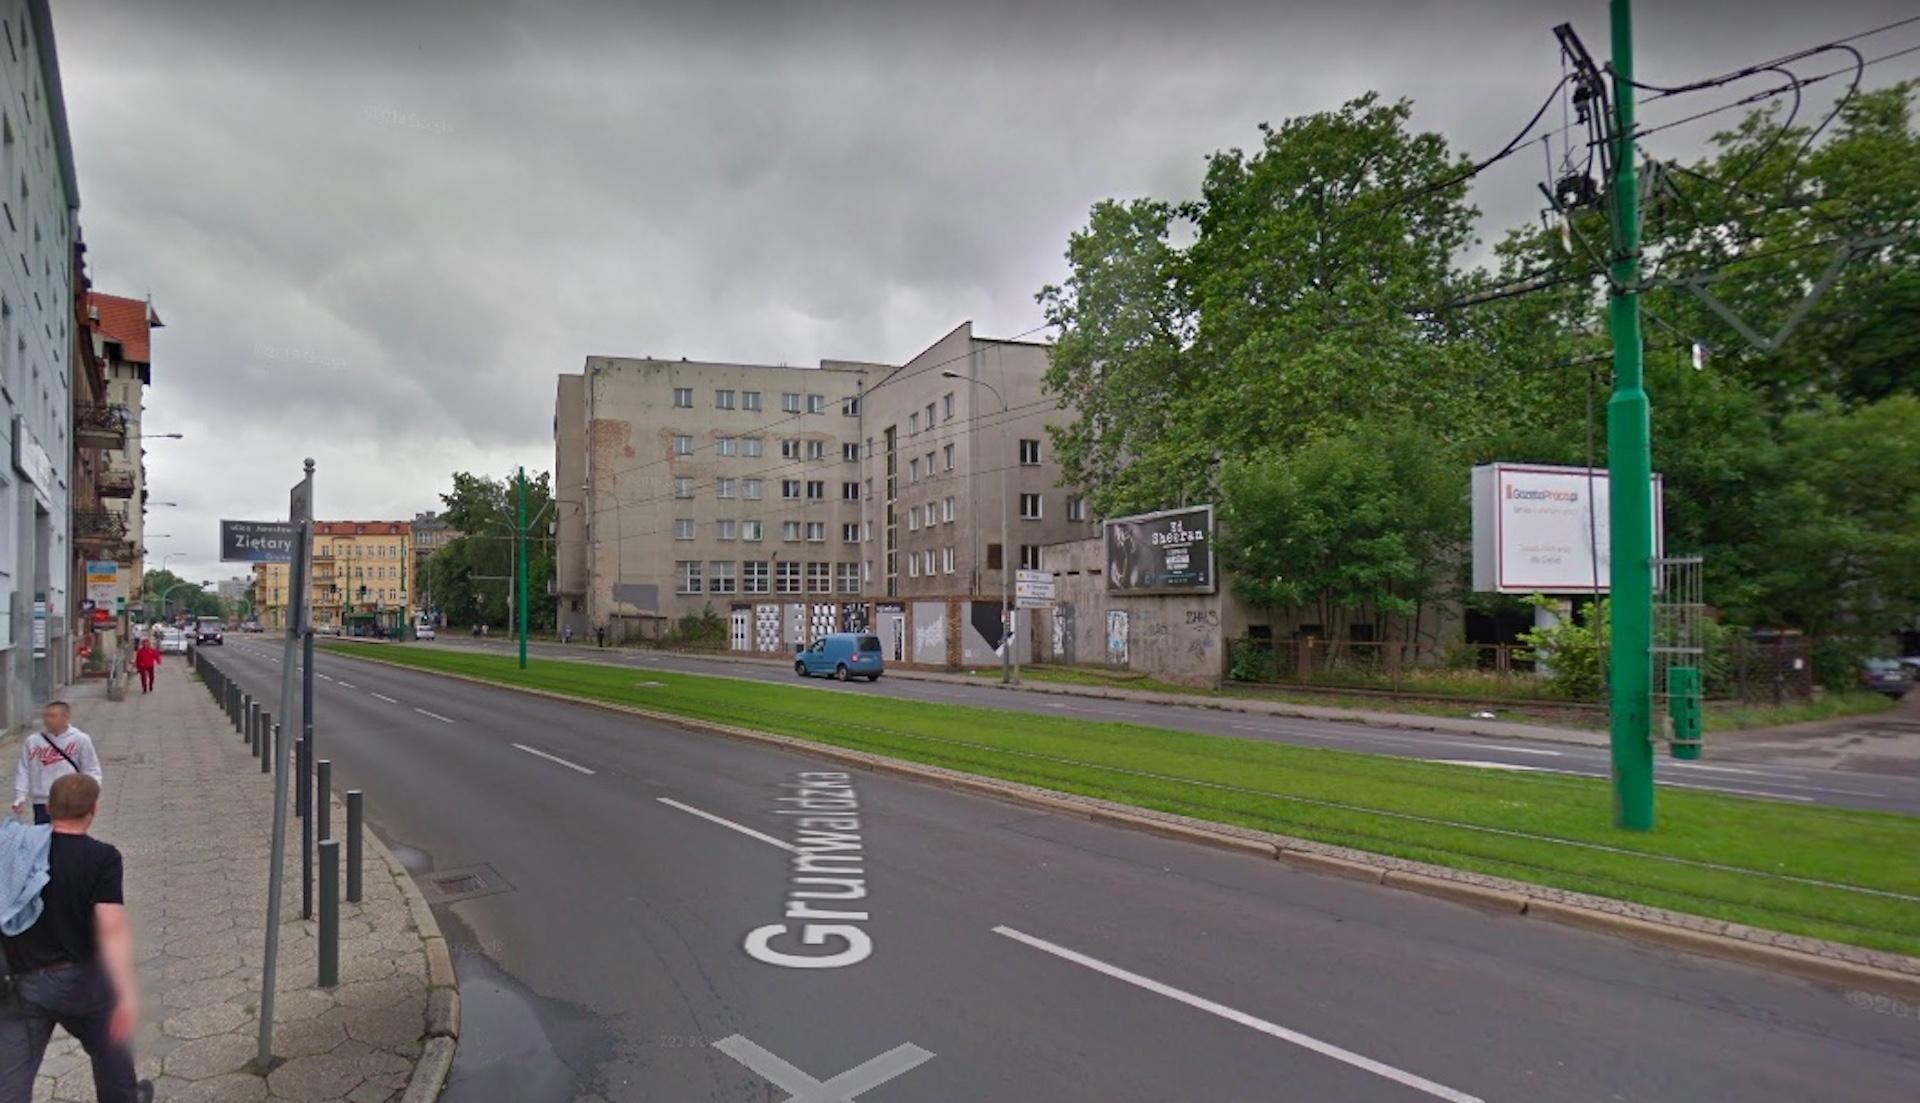 W nocy z wtorku na środę doszło do tragicznego wypadku w Poznaniu na ul. Grunwaldzkiej